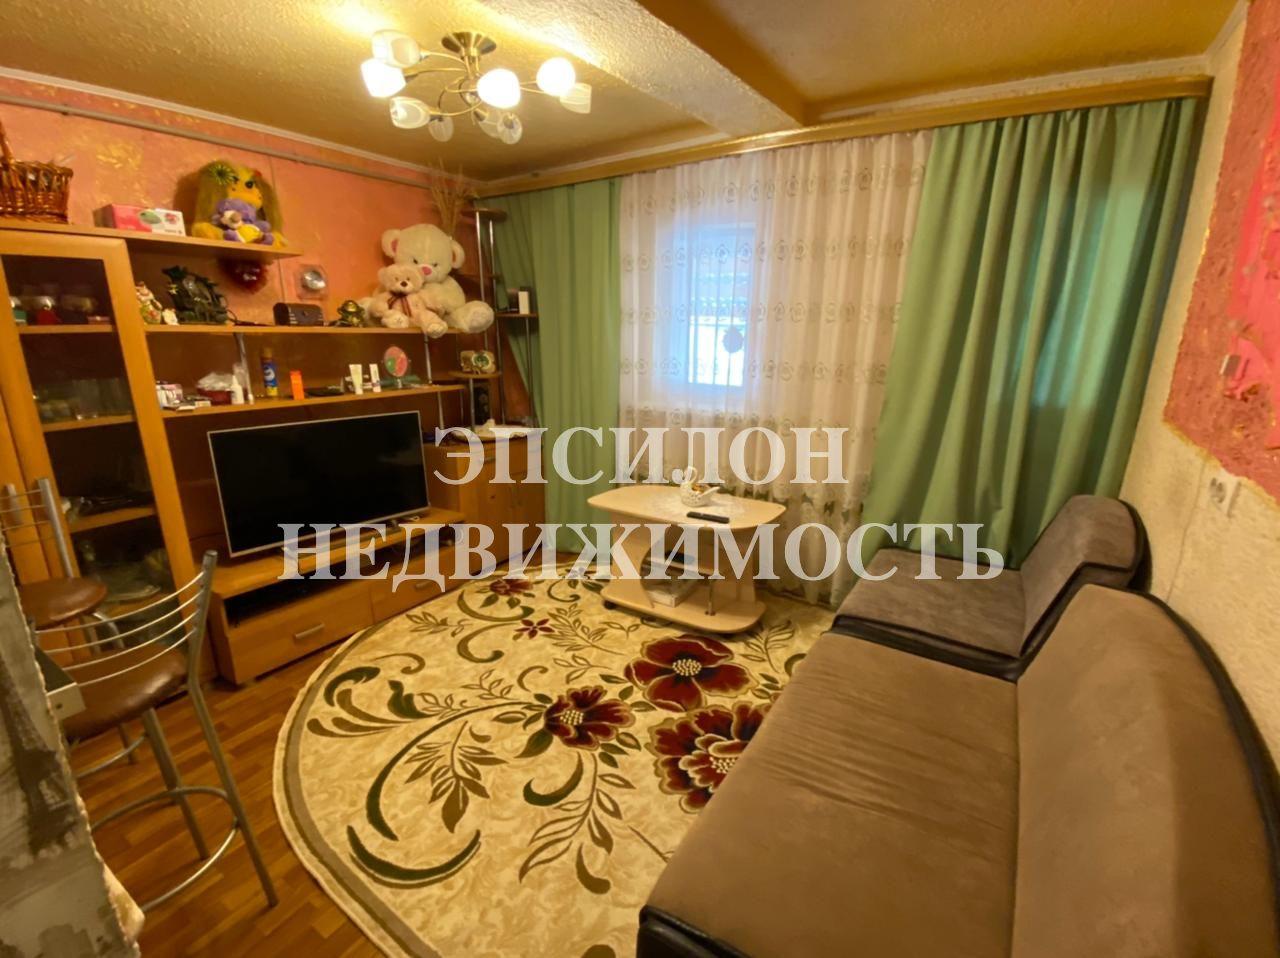 Город: Курск, улица: Присеймская, 14, площадь: 40 м2, участок: 2 соток